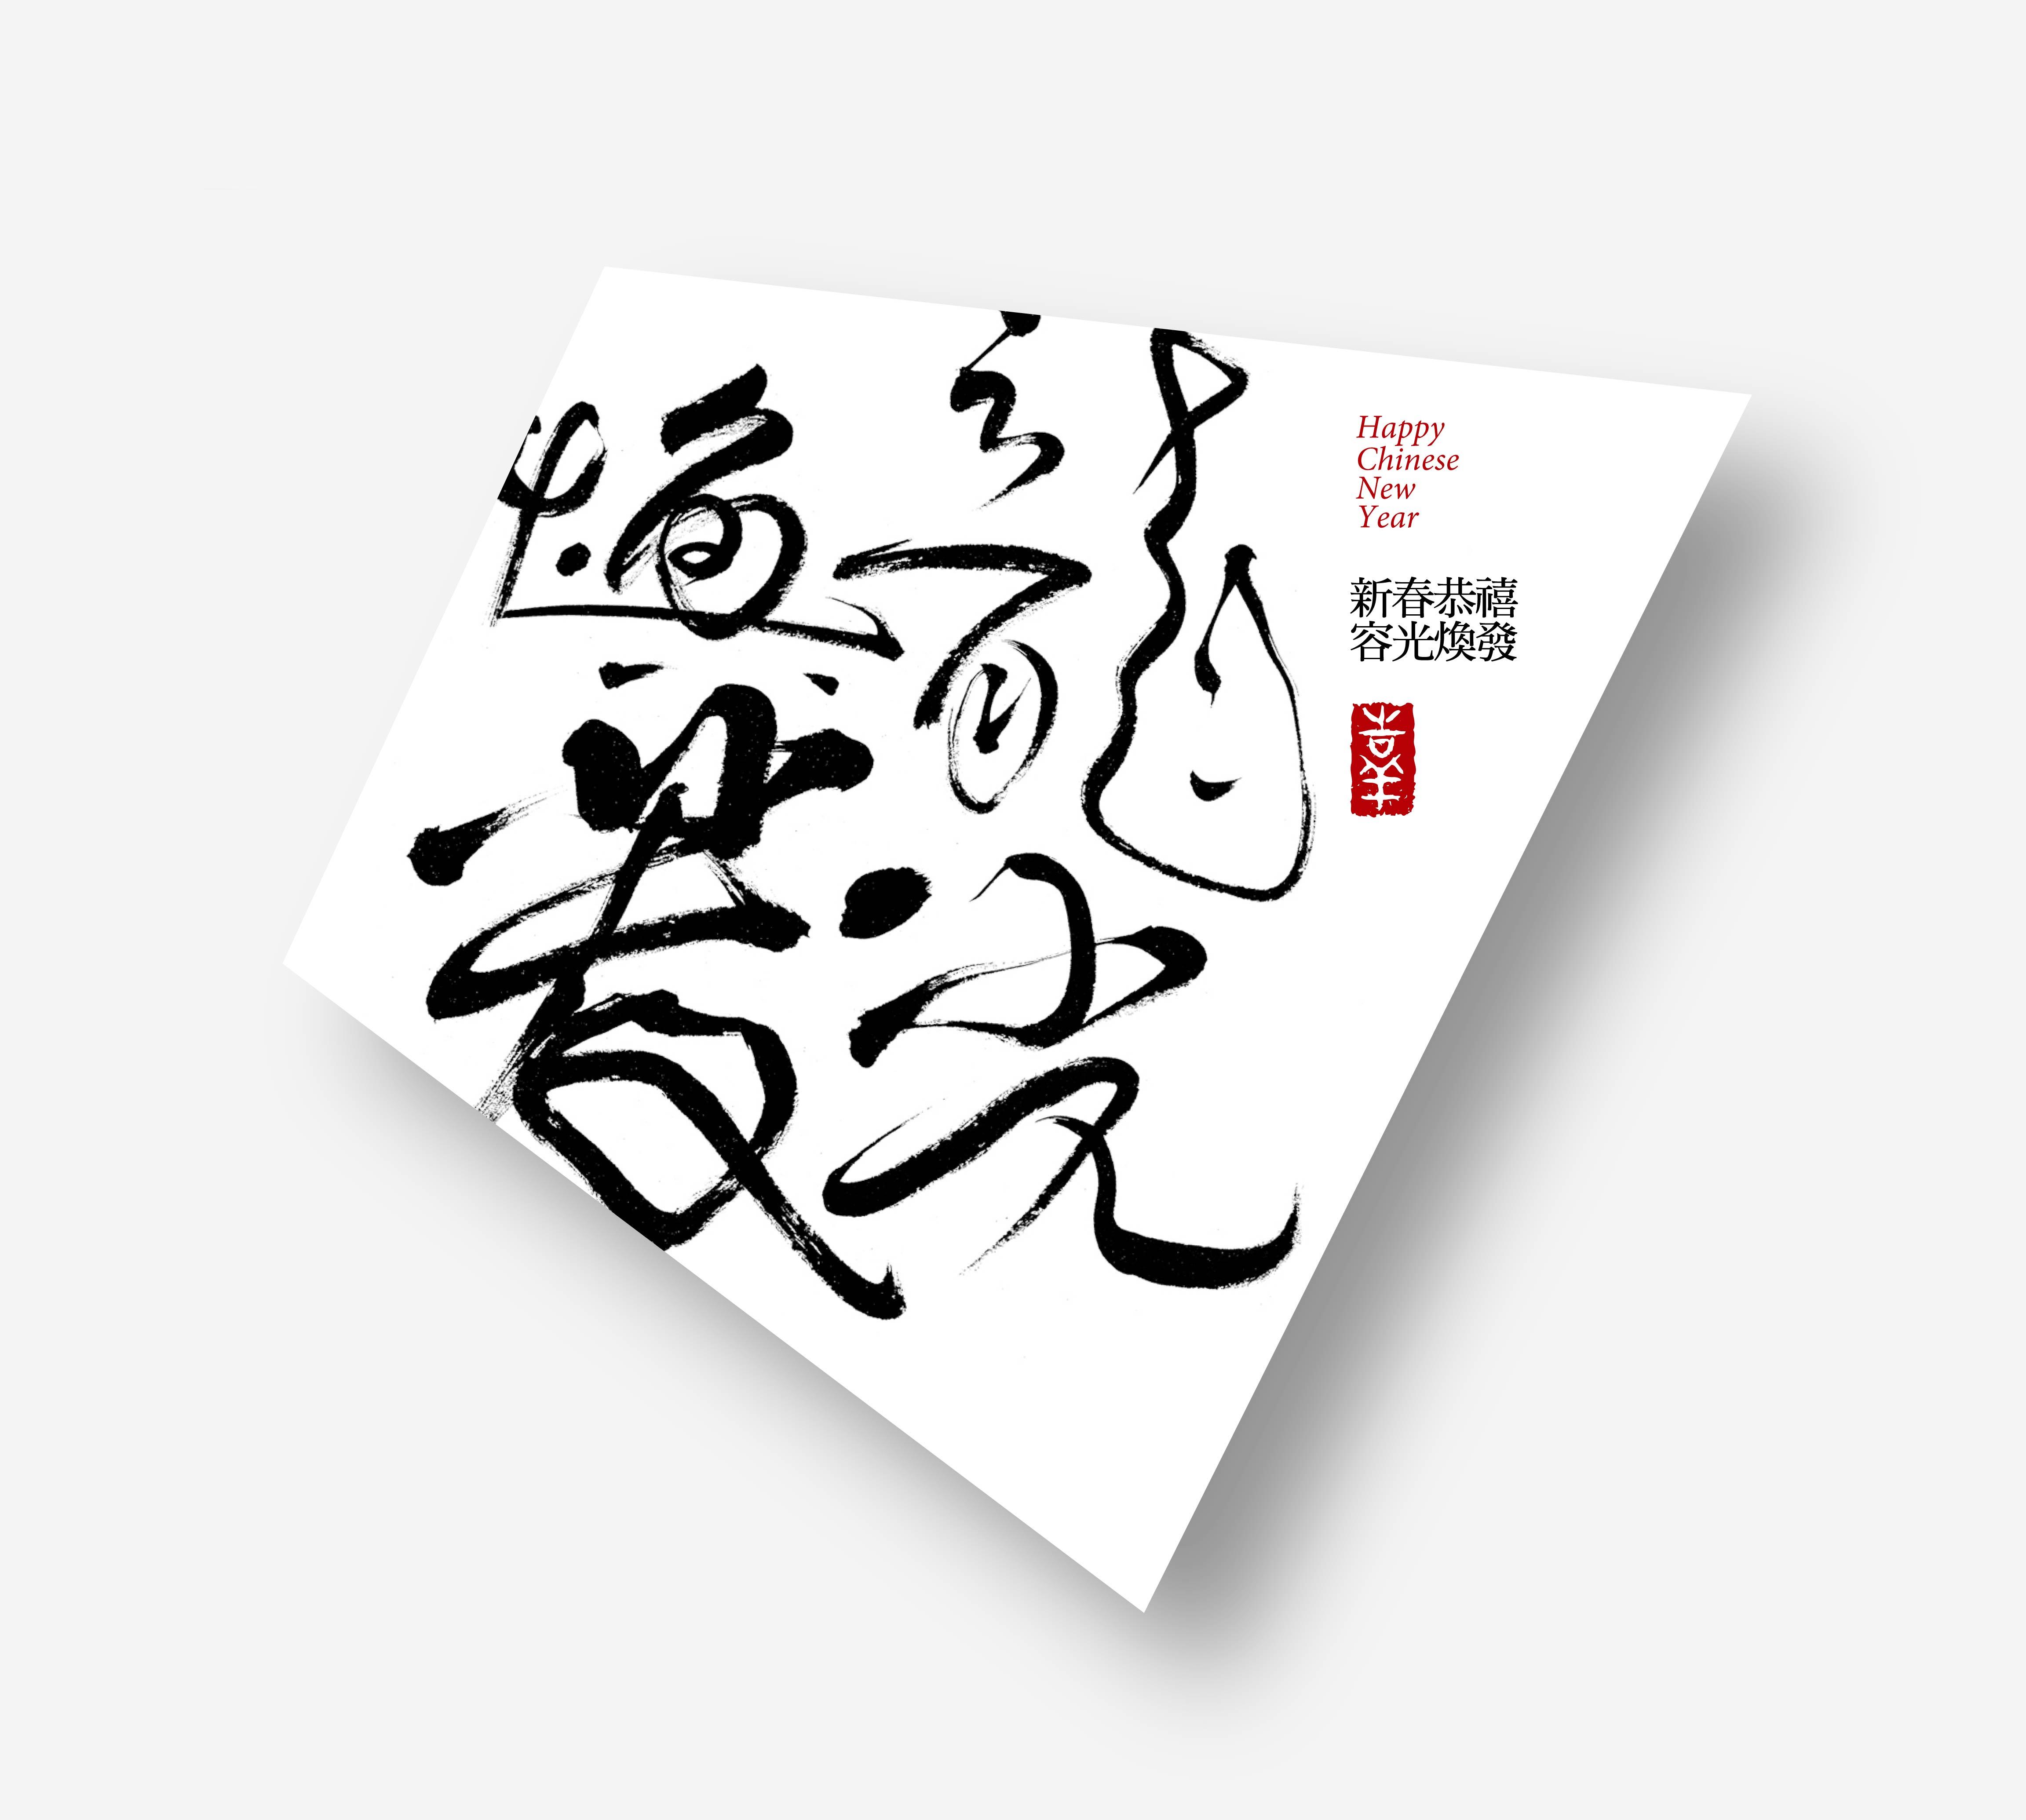 龍光煥發_梯形_300dpi-02.jpg